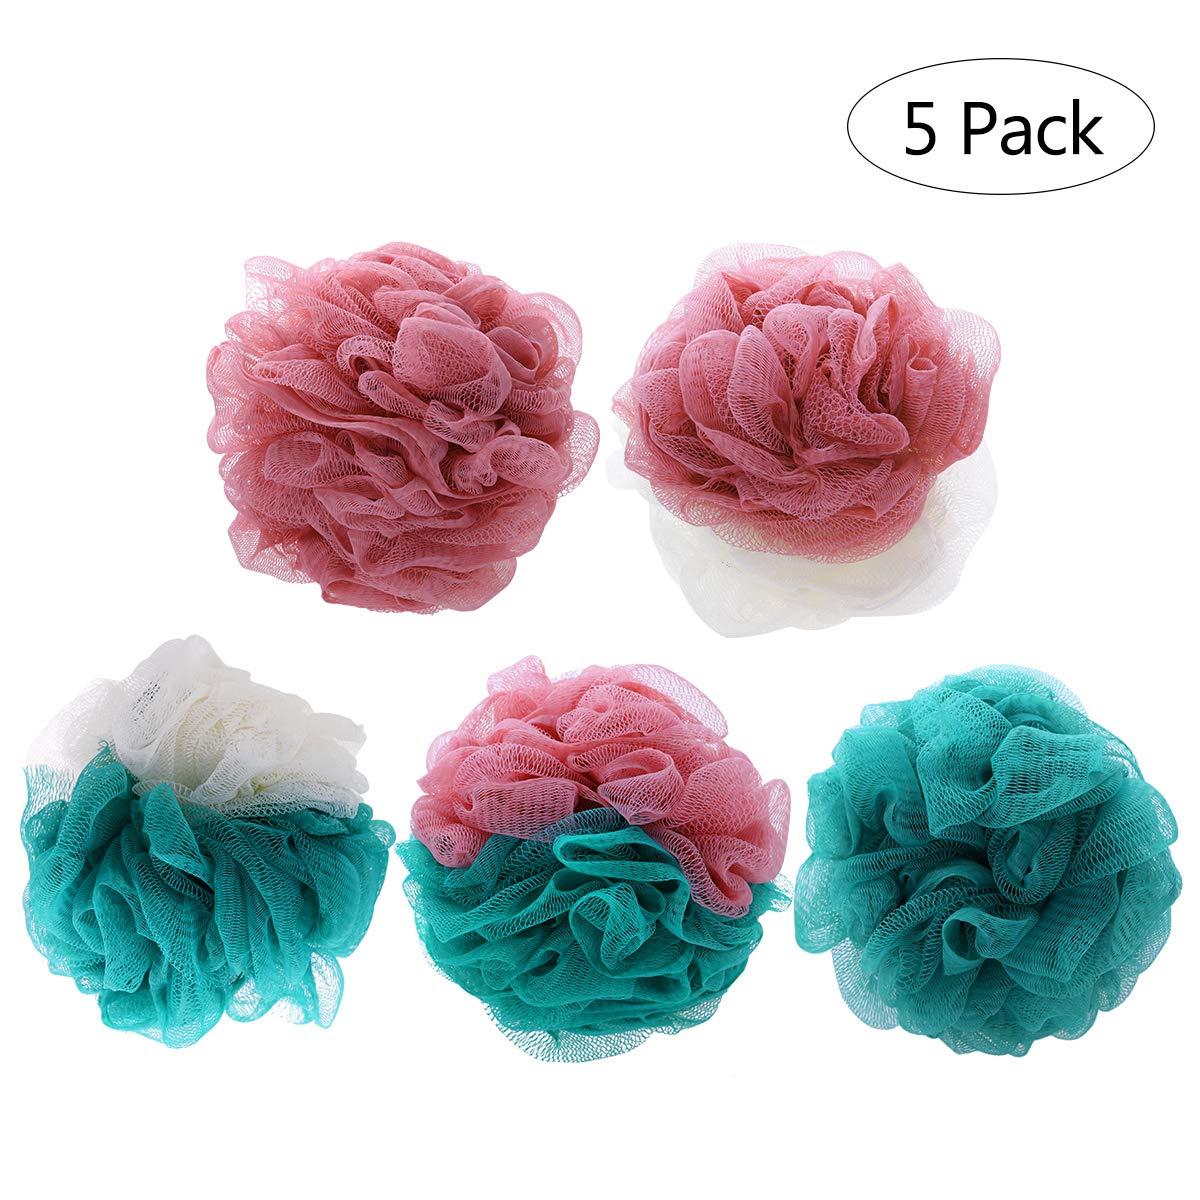 Frcolor Loofah Bath Shower Sponge Pouf, Mesh Pouf Shower Ball Mesh Bath Sponge Large Size (5 Pack)